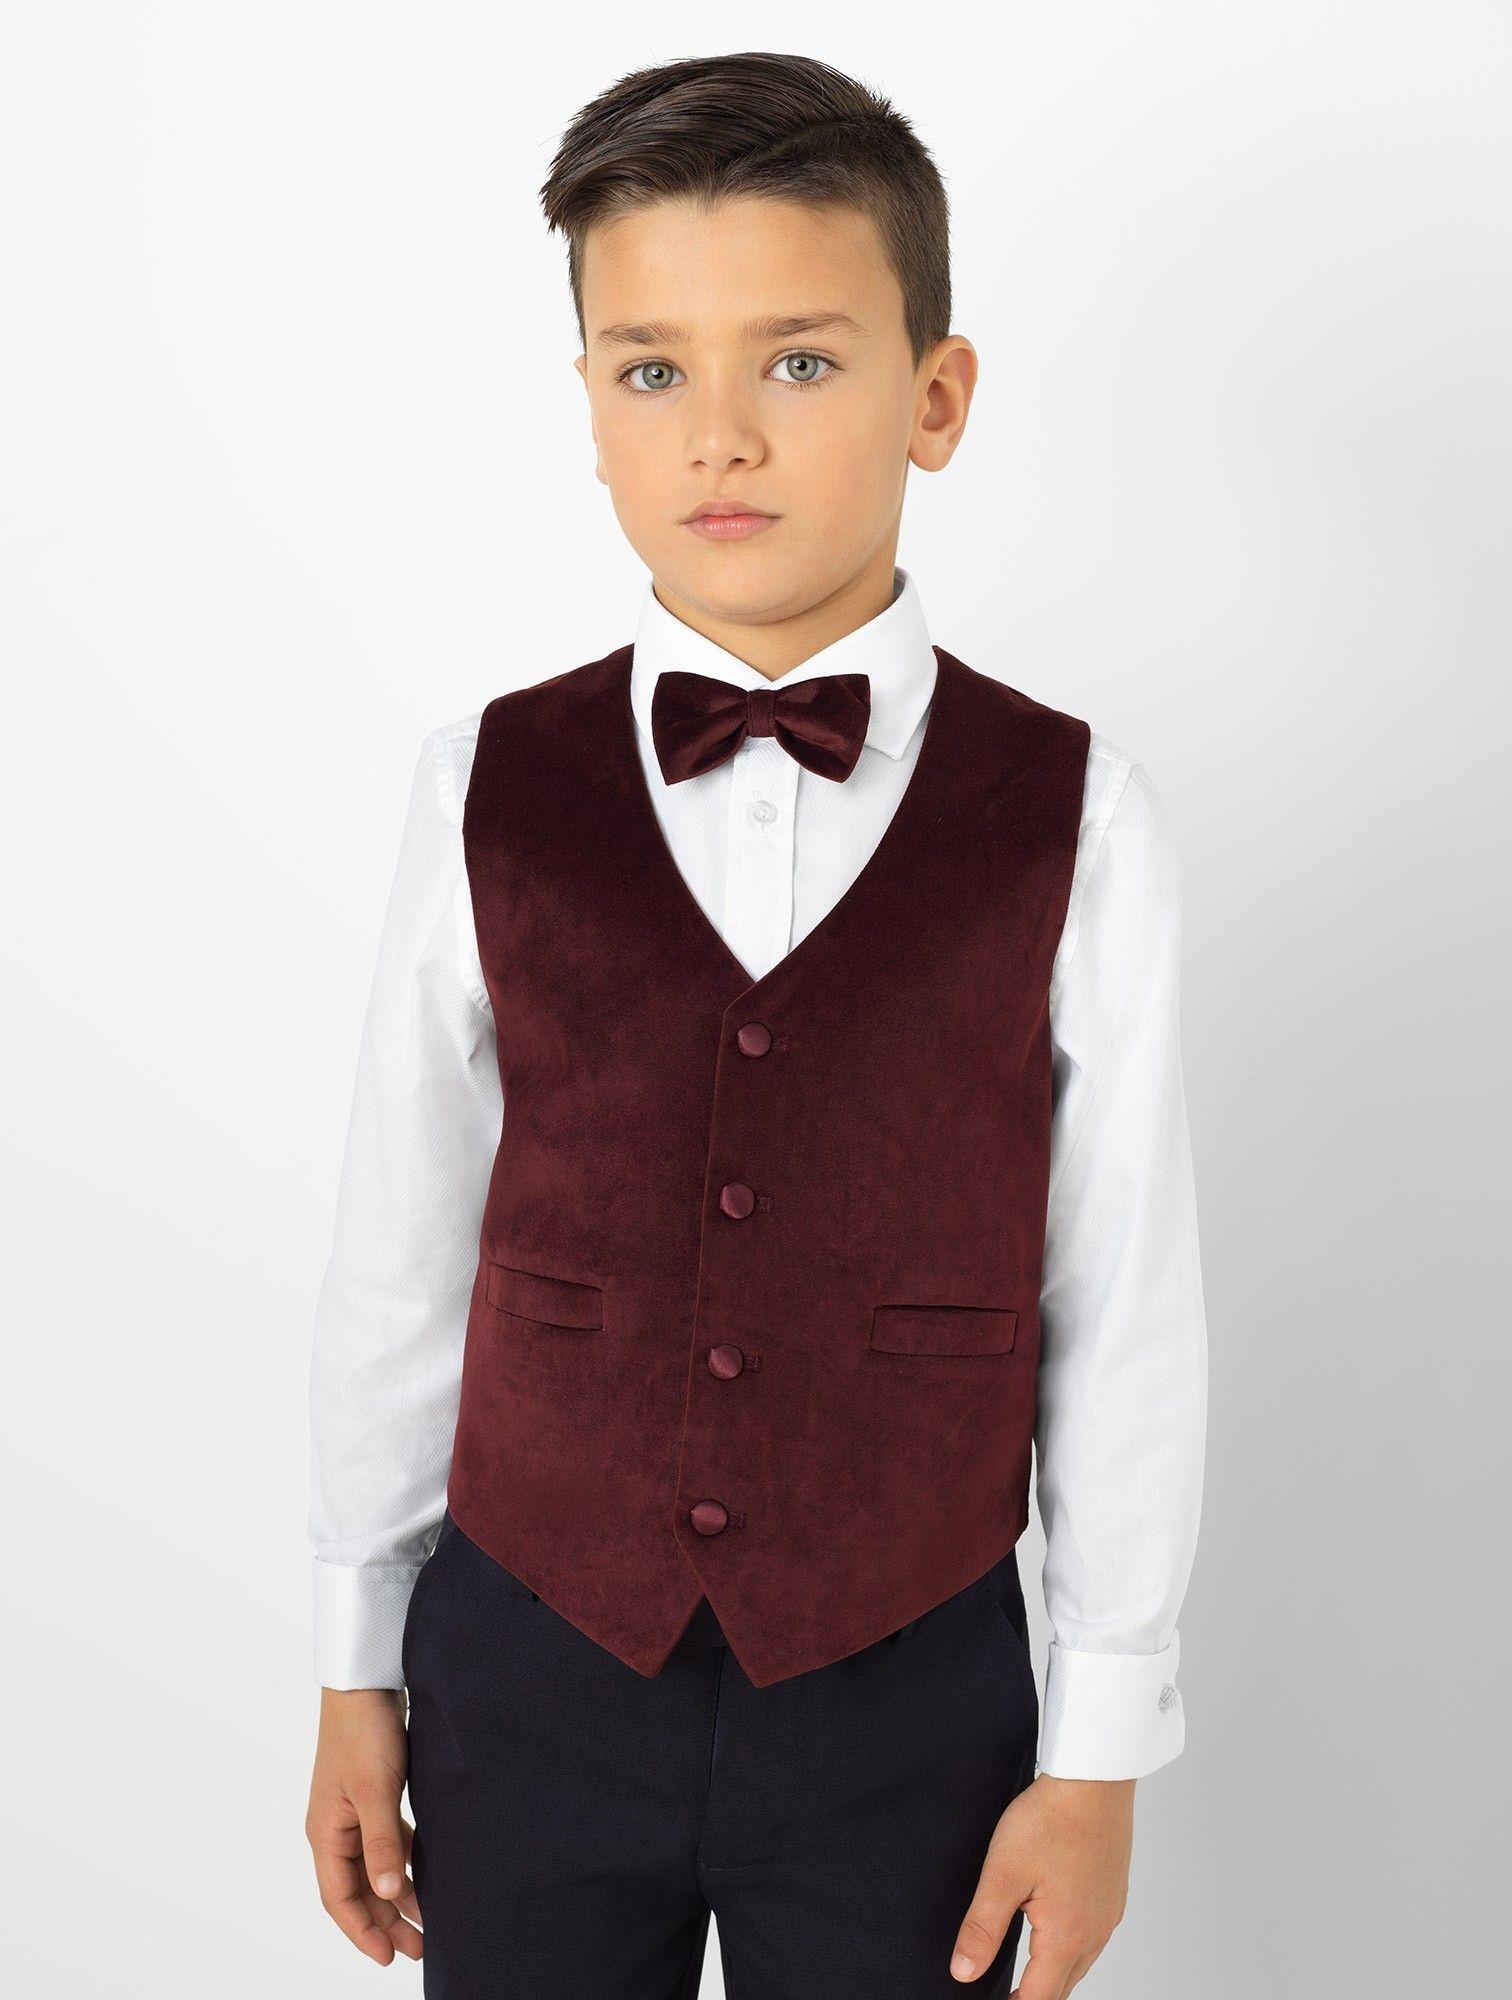 Boys burgundy waistcoat suit Oscar Boys wedding suits